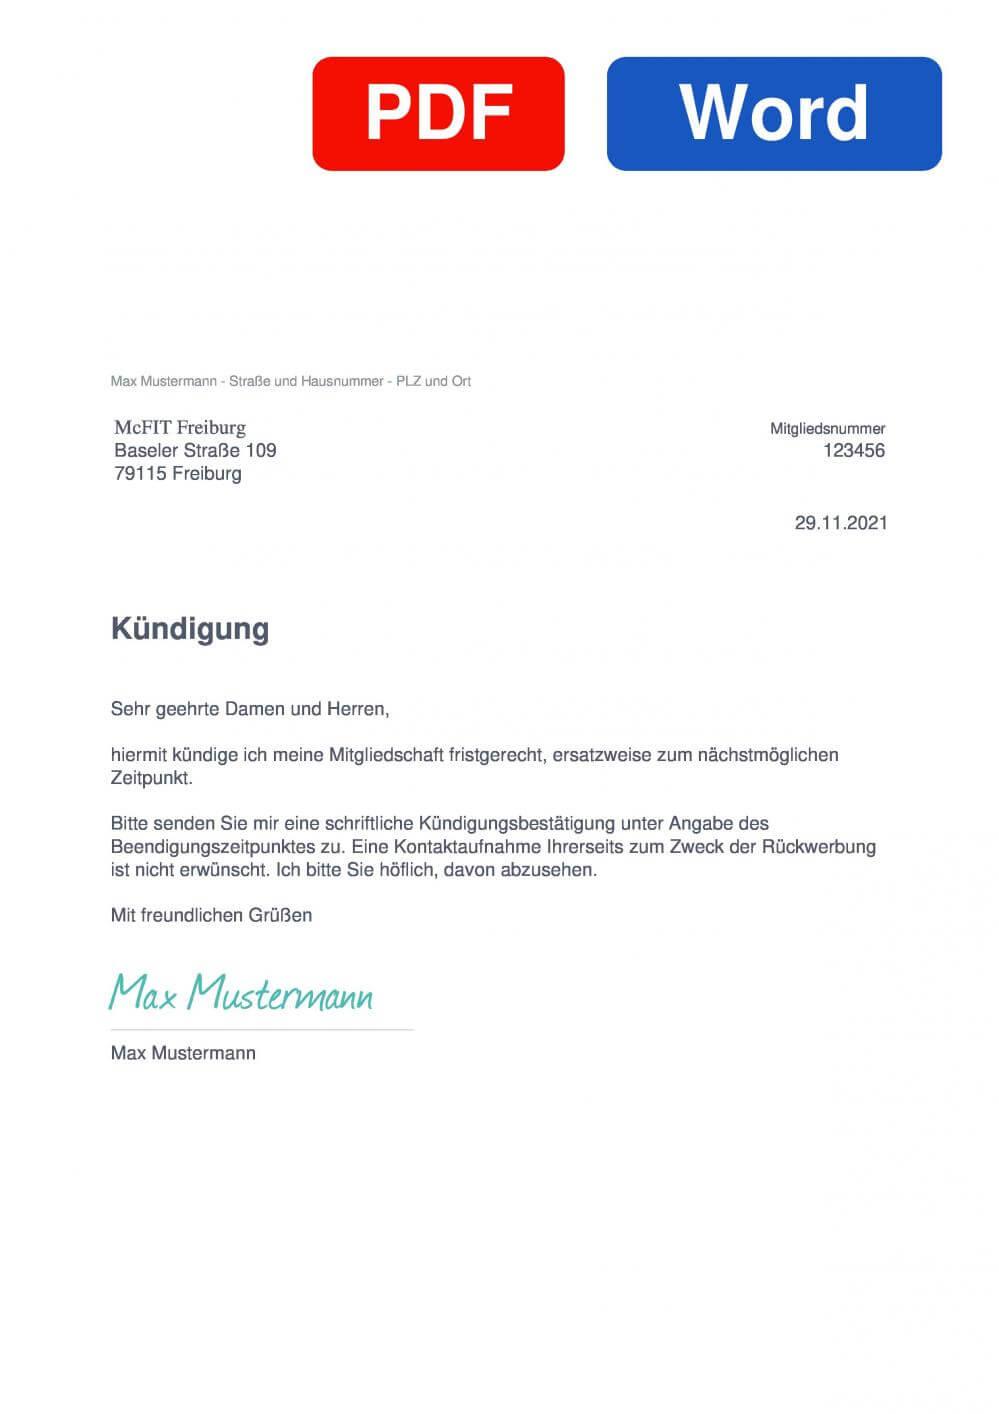 McFIT Freiburg Muster Vorlage für Kündigungsschreiben